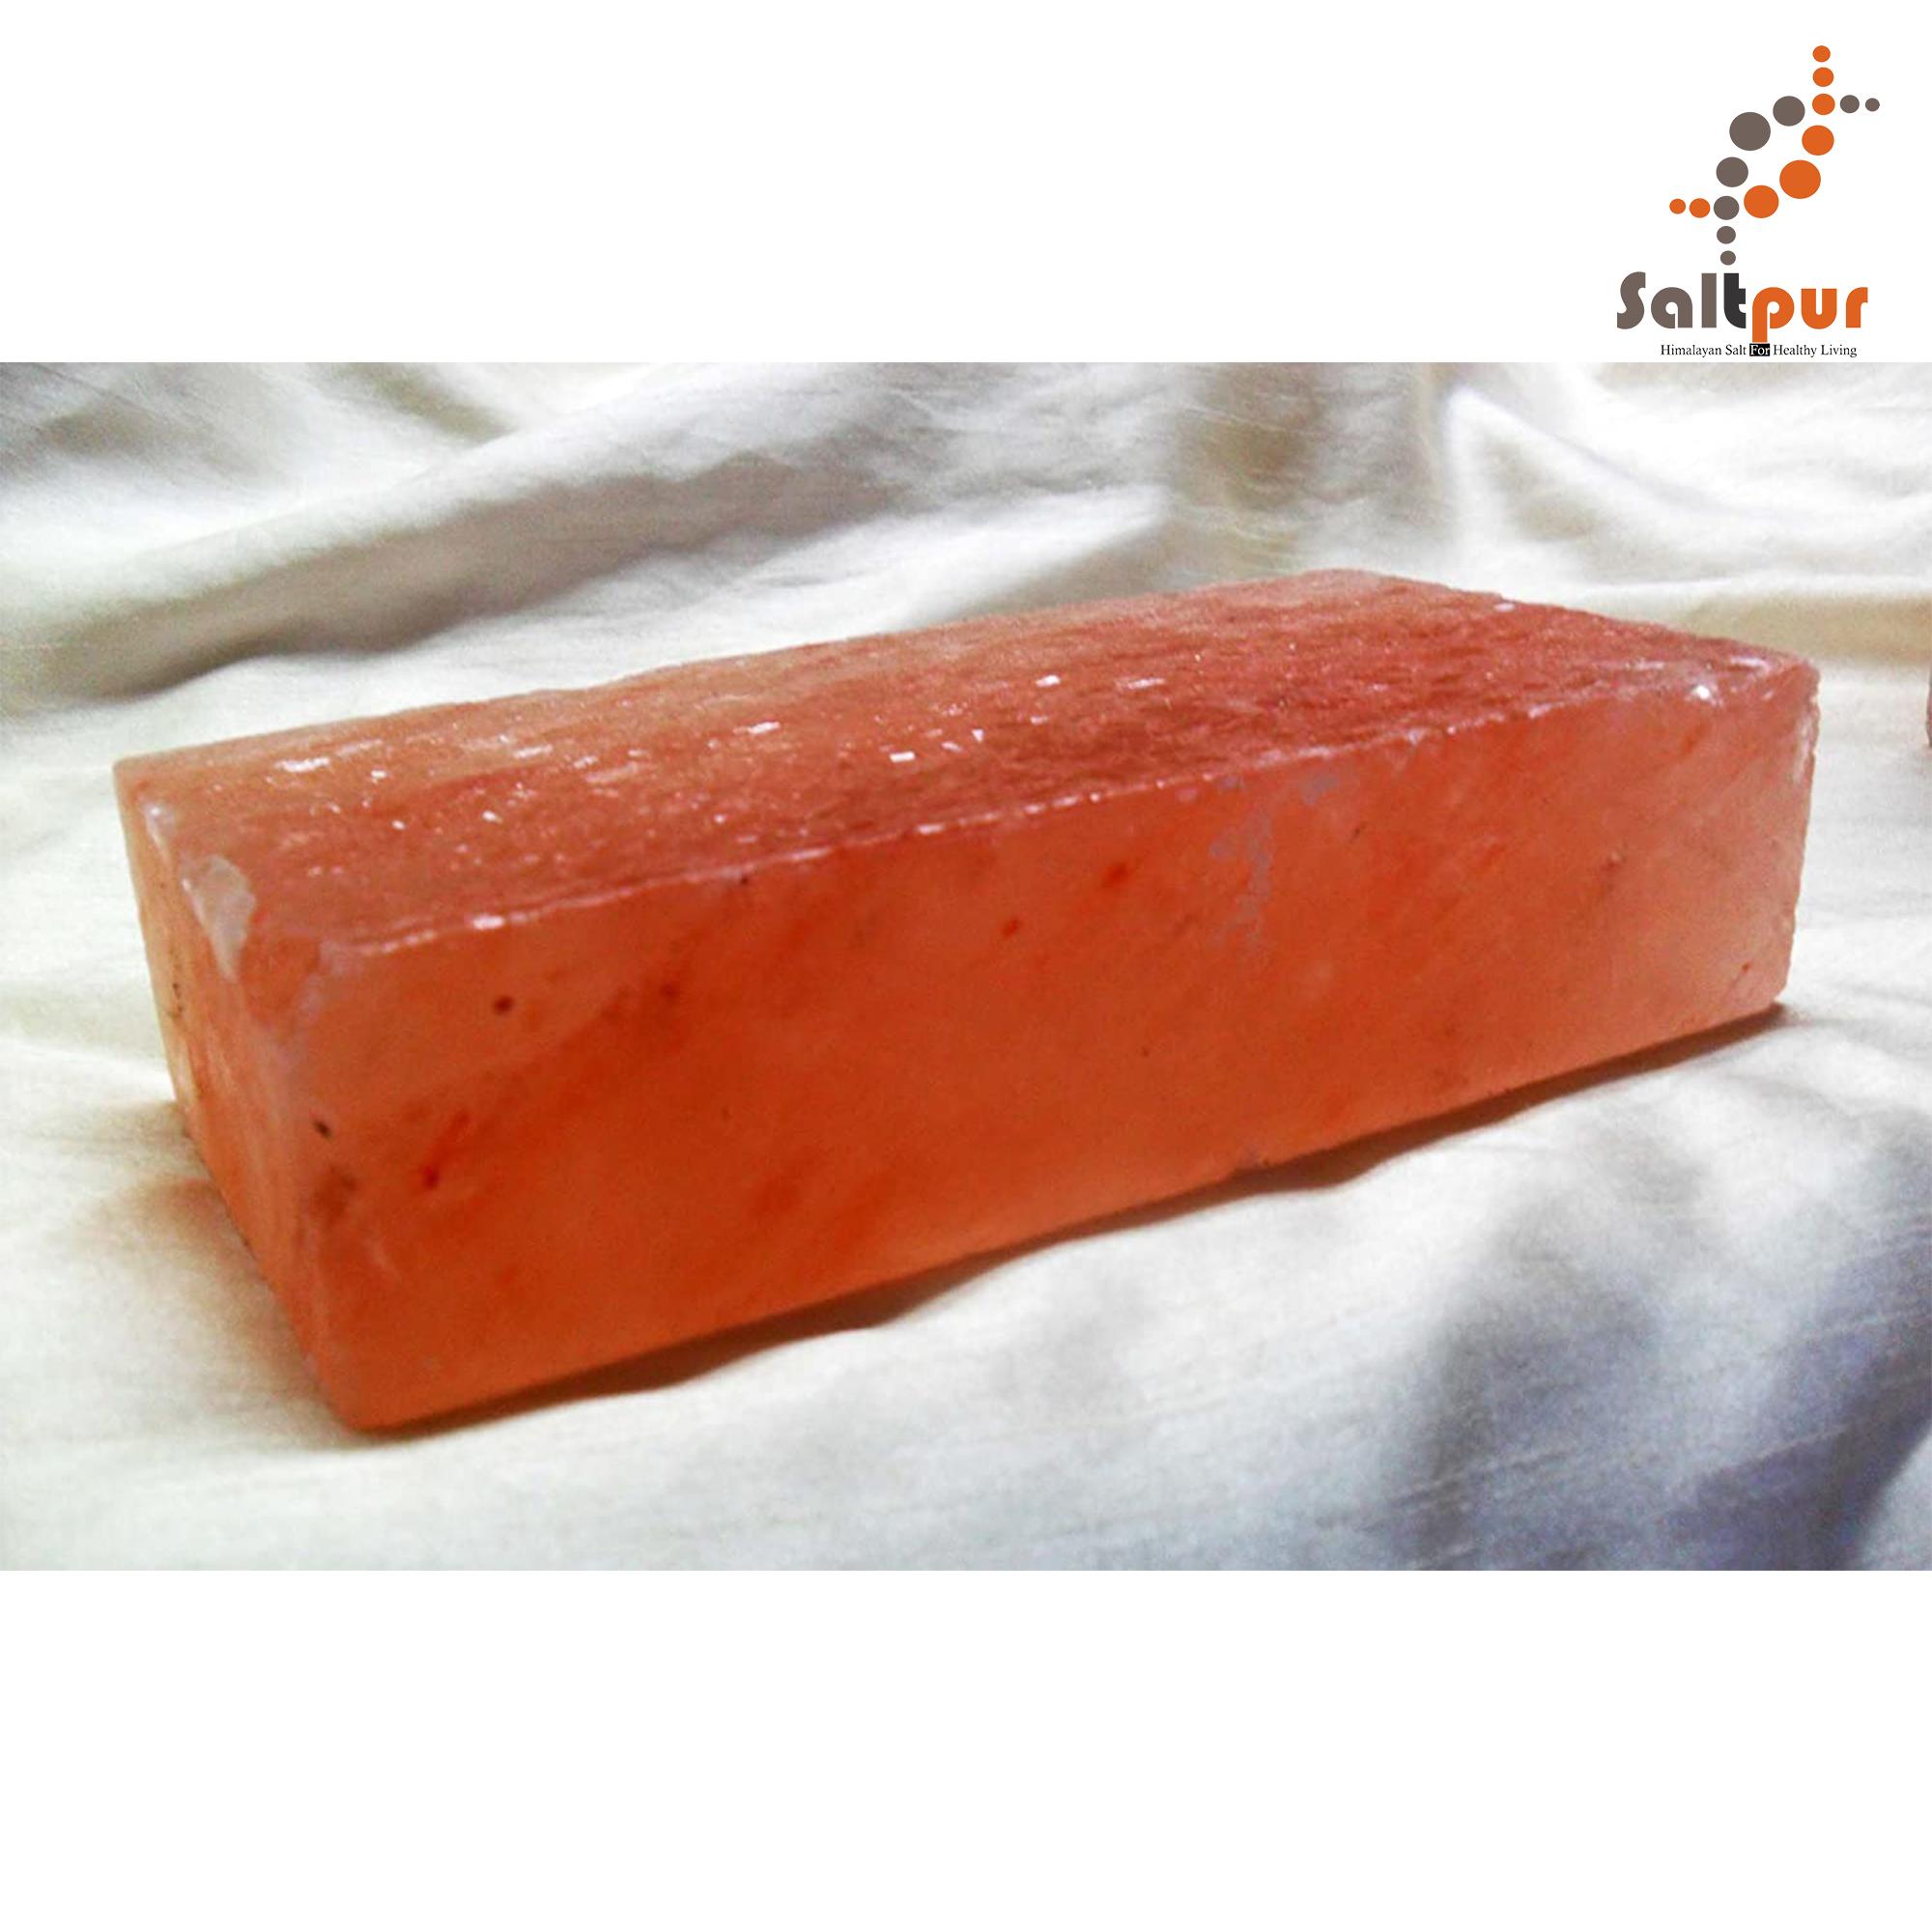 2 6 - Saltpur Himalayan Salts